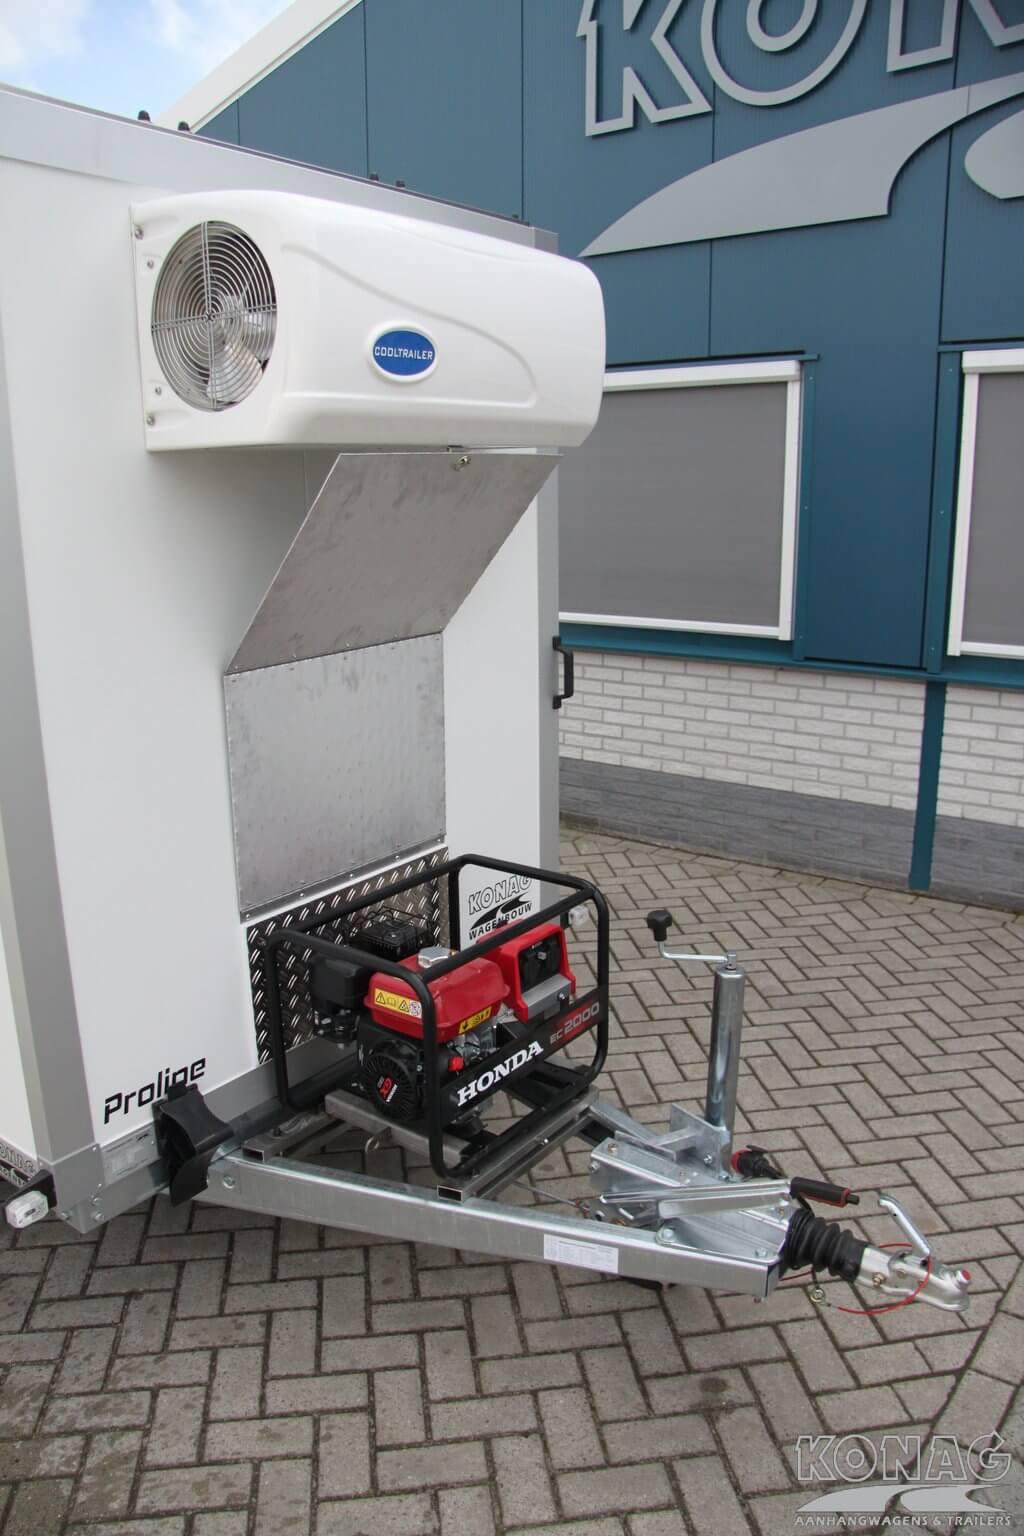 Konag koelaanhanger vleeshangsysteem met generator